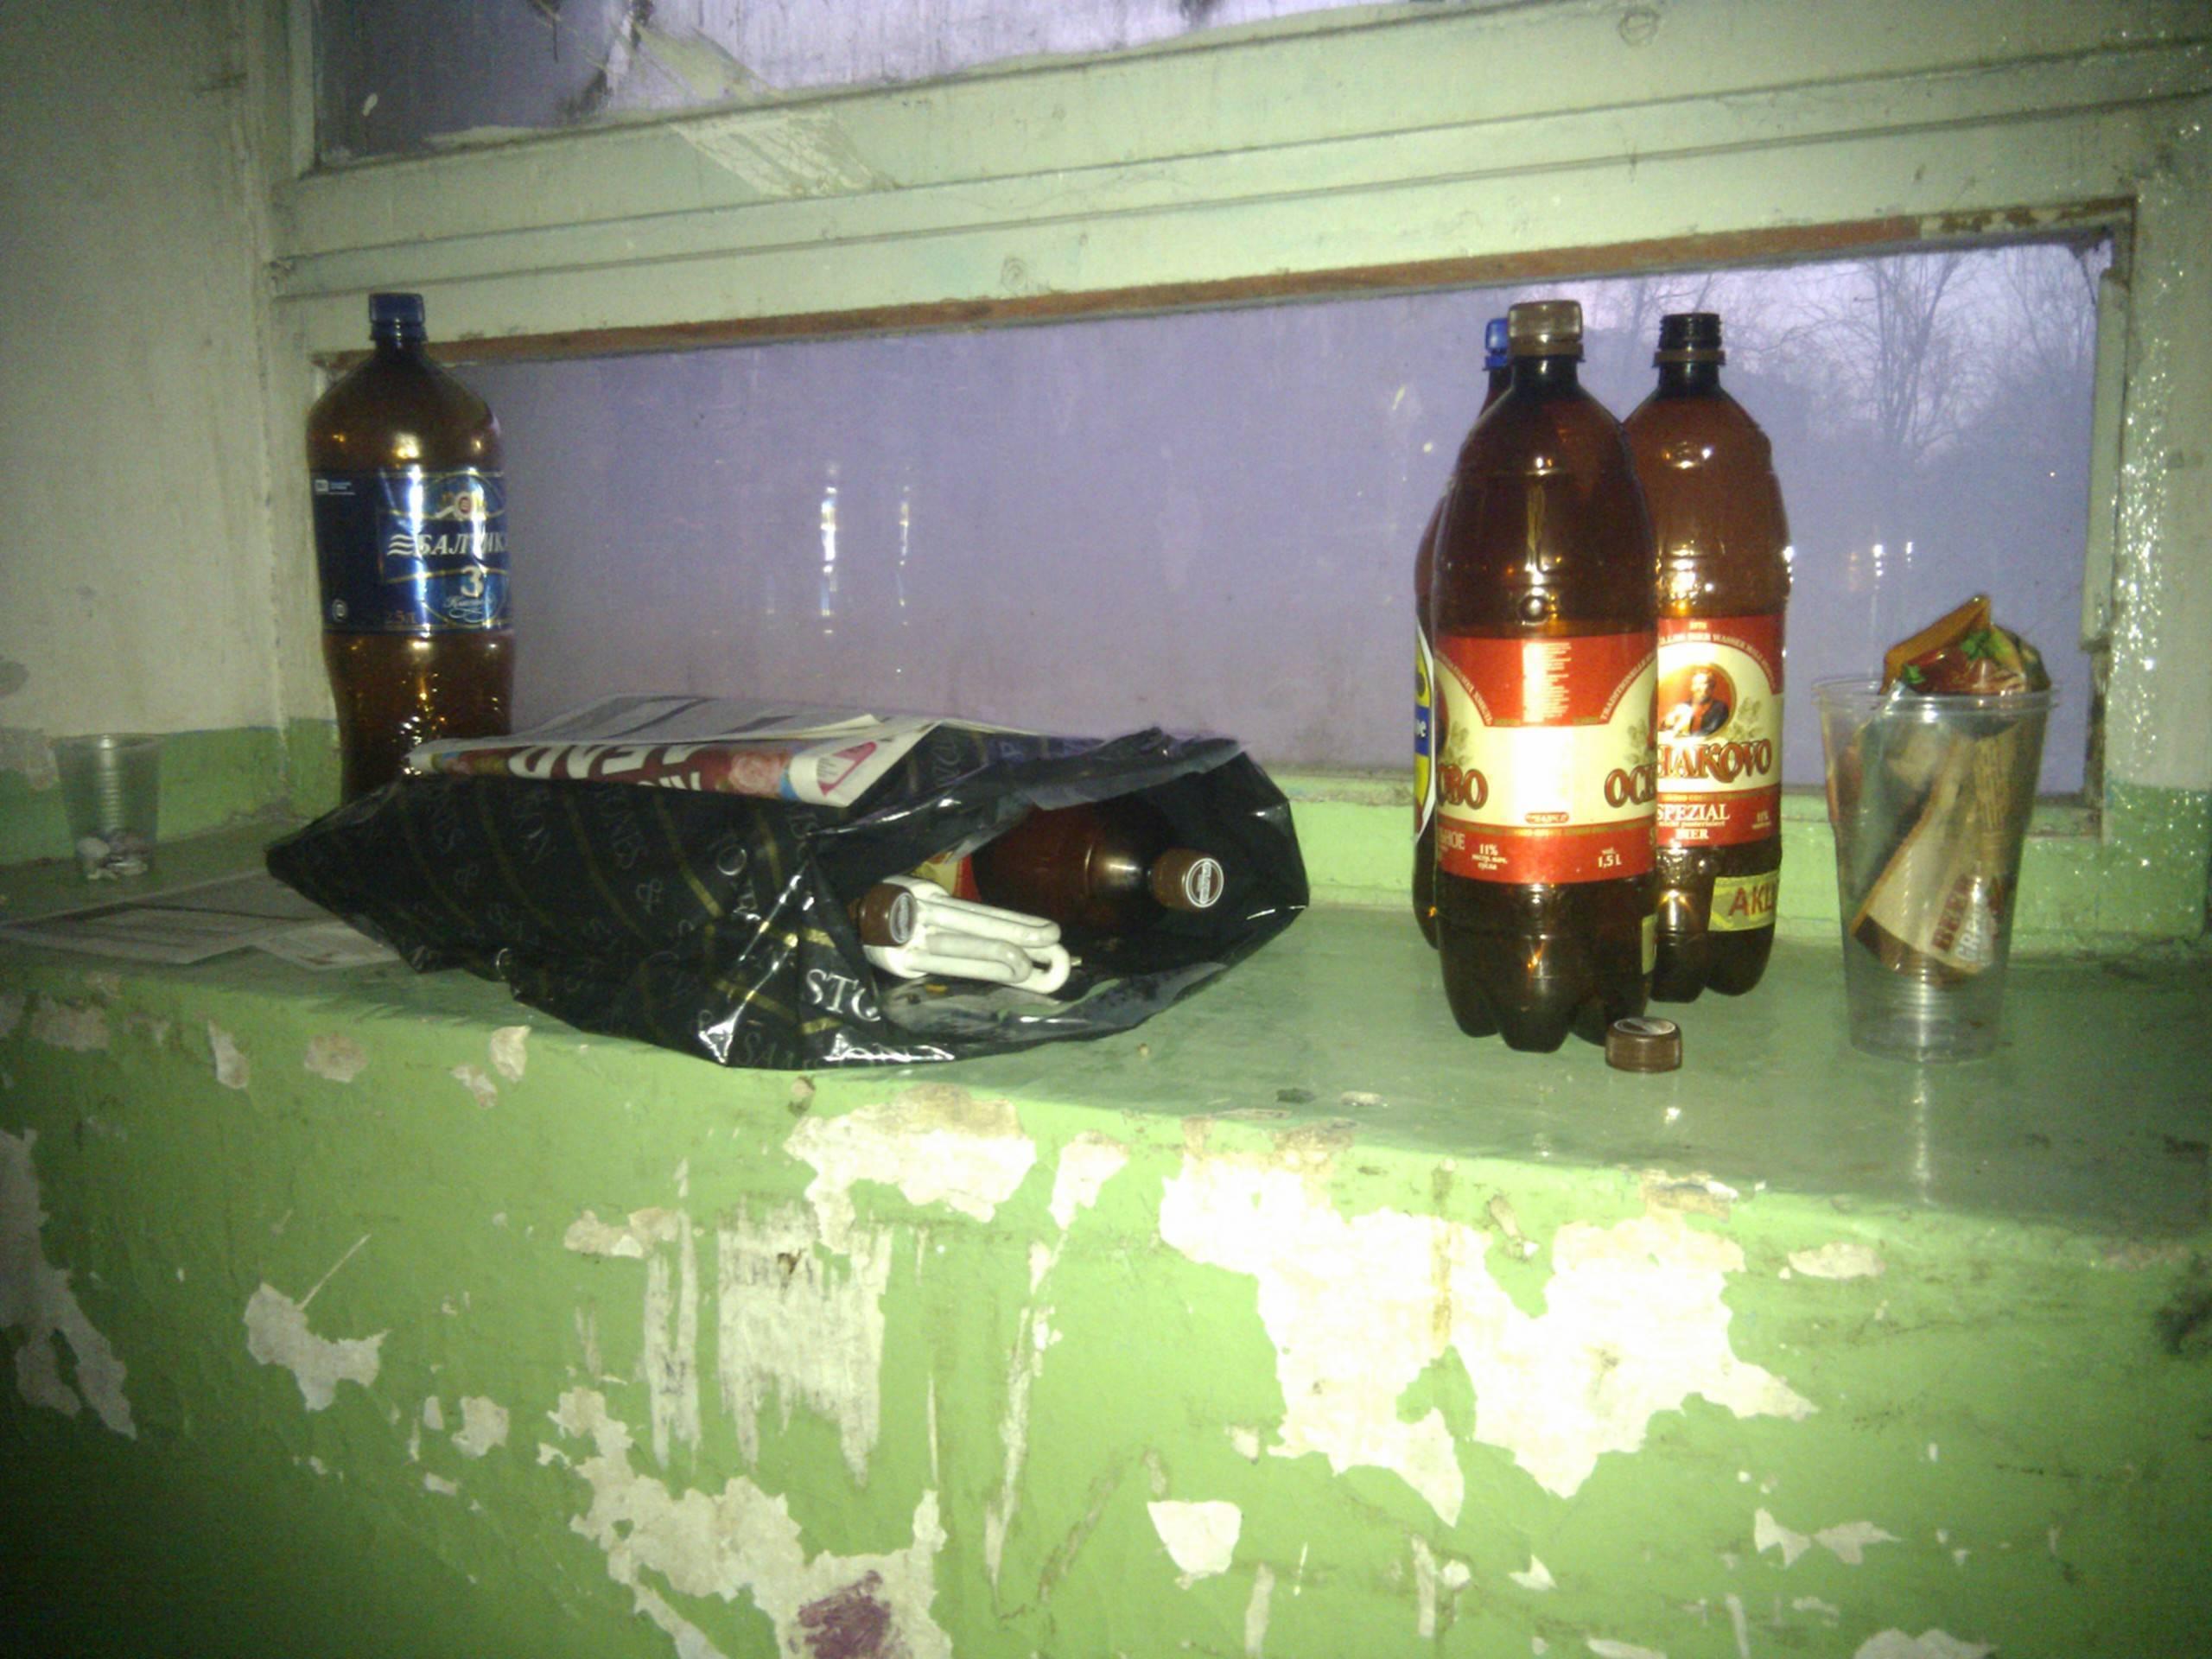 Законно избавляемся от соседей пьяниц и дебоширов: образцы заявления участковому и коллективной жалобы